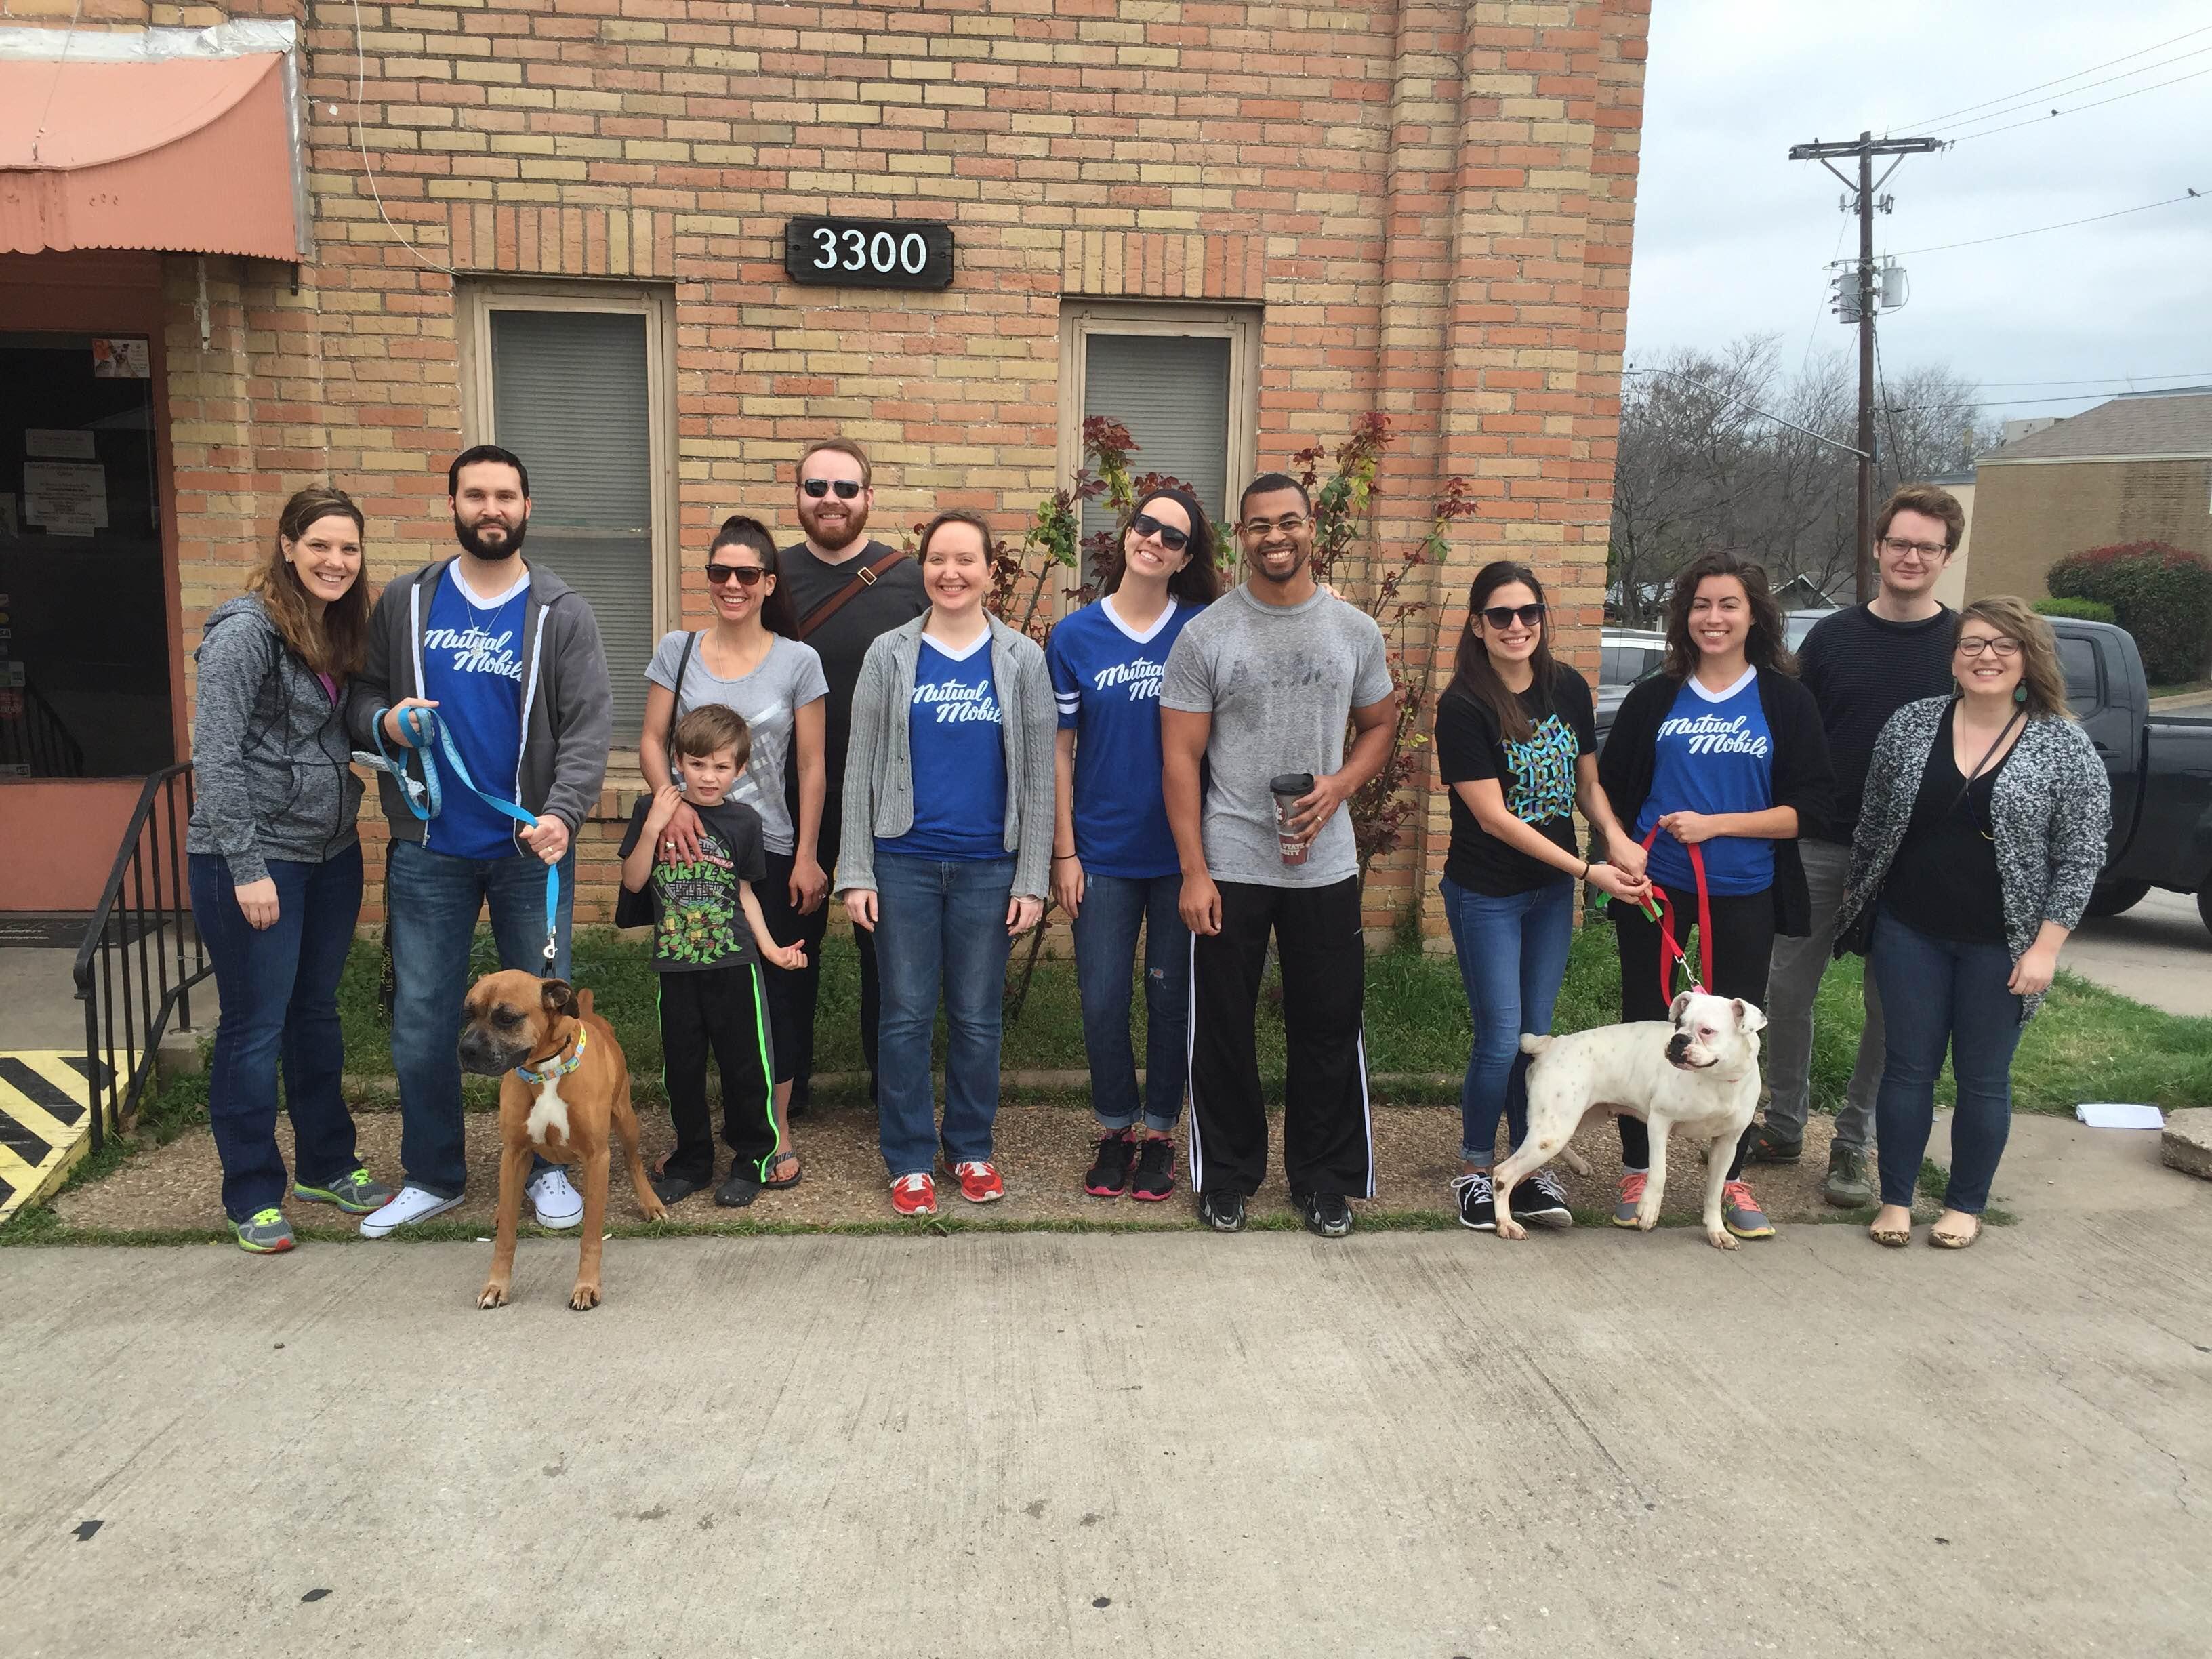 20151102_CommunityService_dogthing